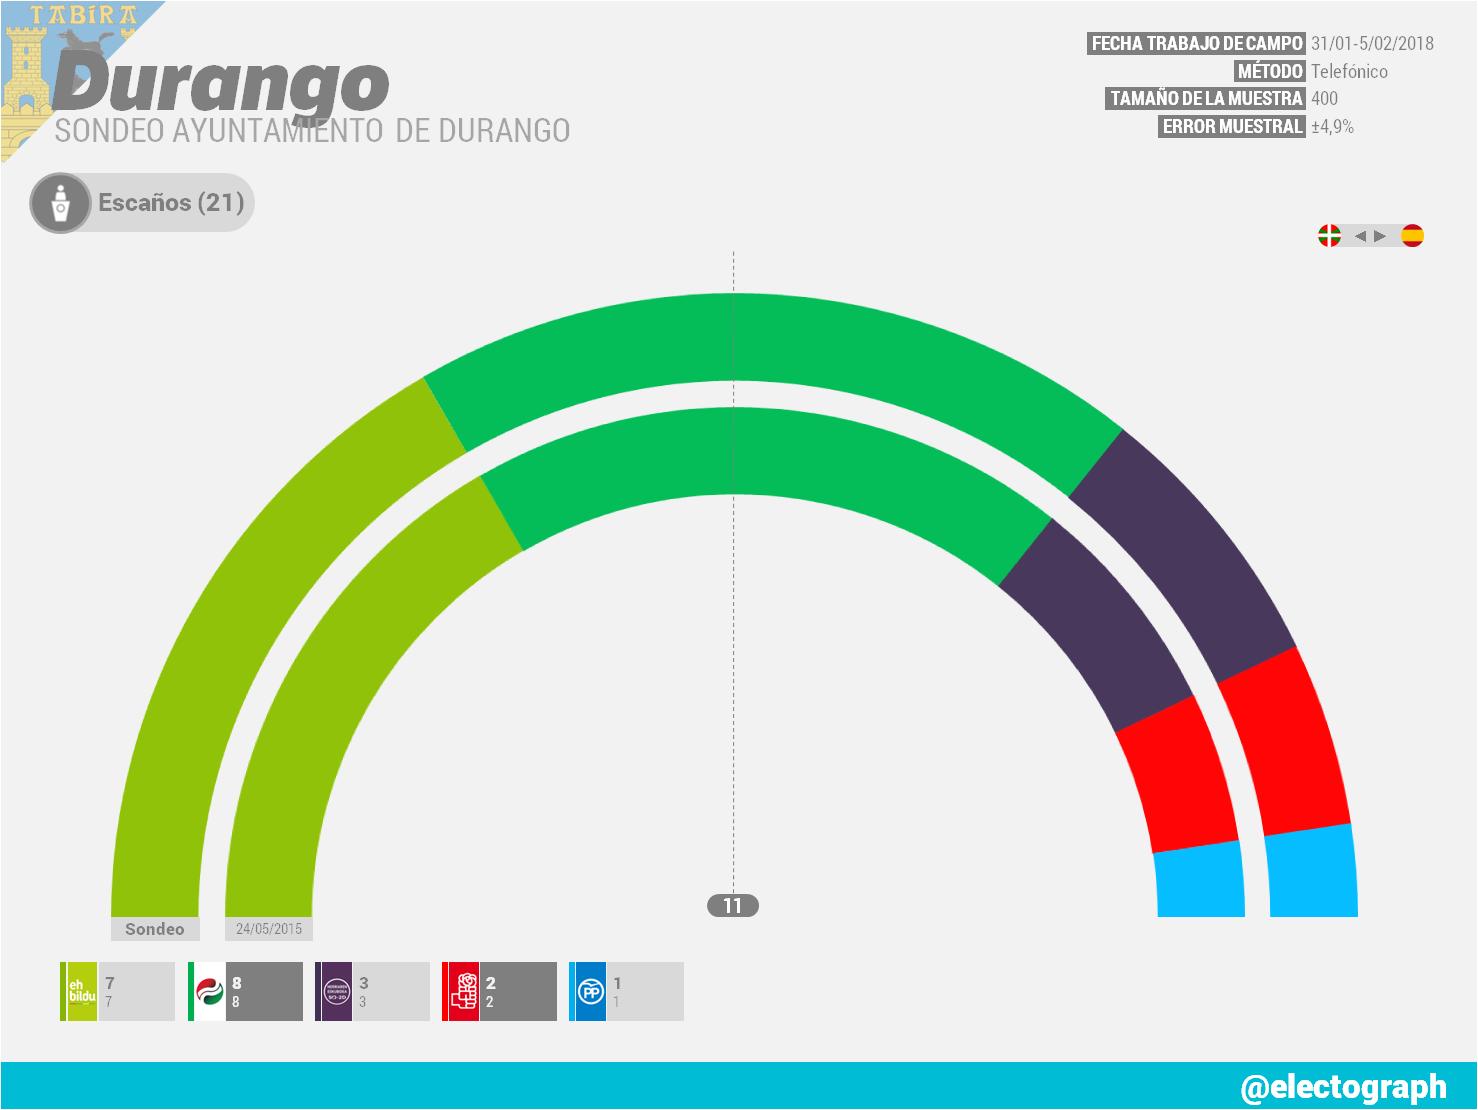 Gráfico de la encuesta para elecciones municipales en Durango encargada por el Ayuntamiento de Durango en febrero de 2018